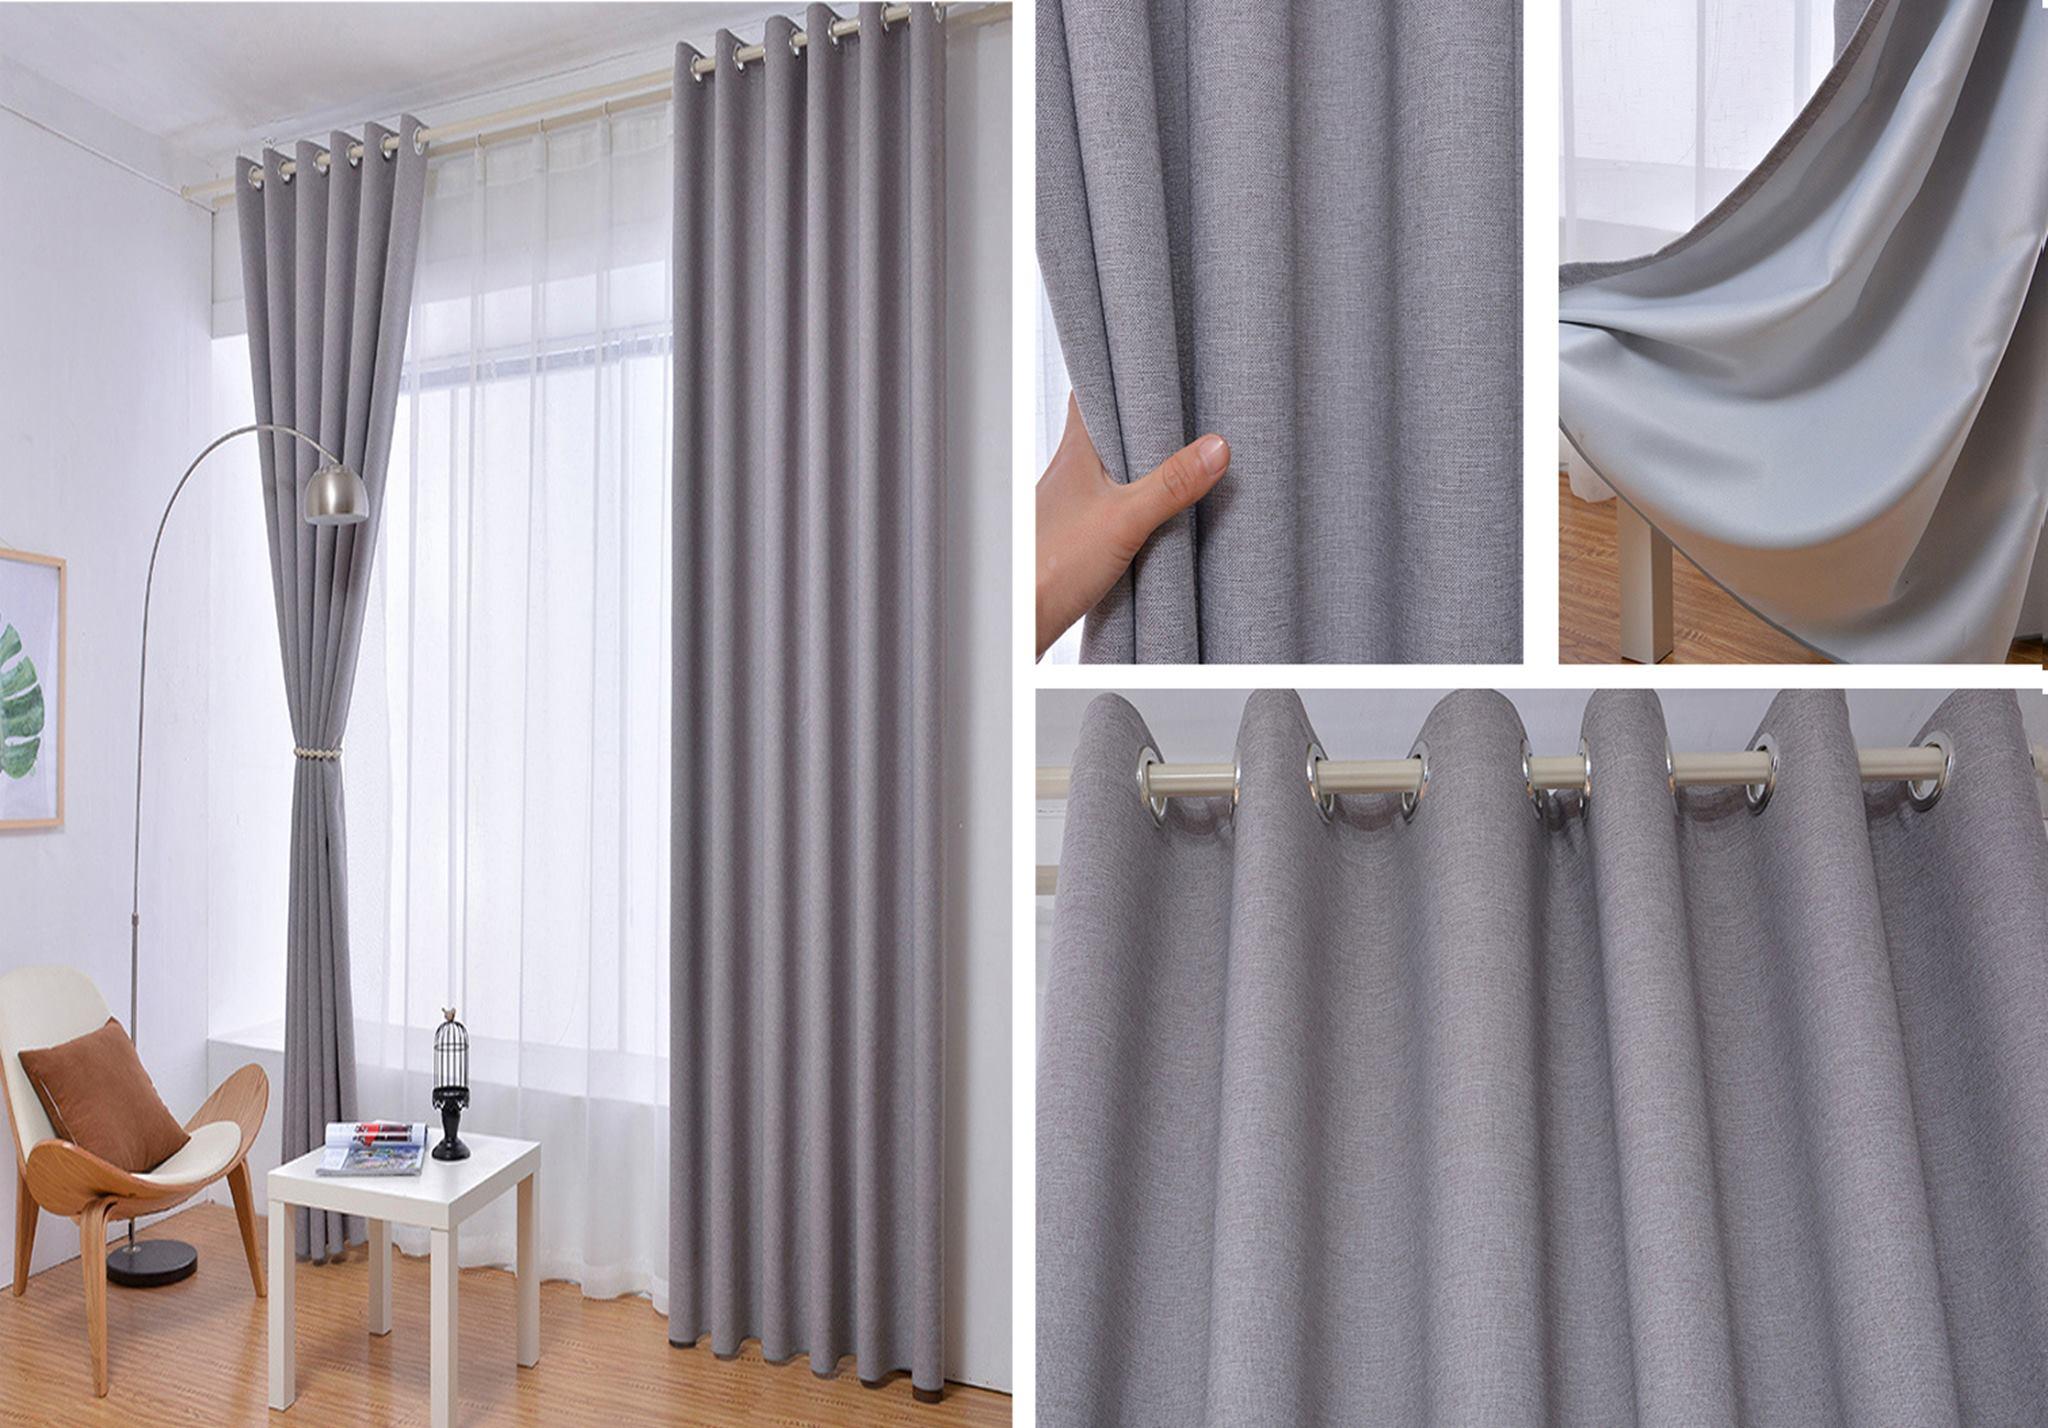 Rèm cửa dùng để chống nắng có tác dụng gì?